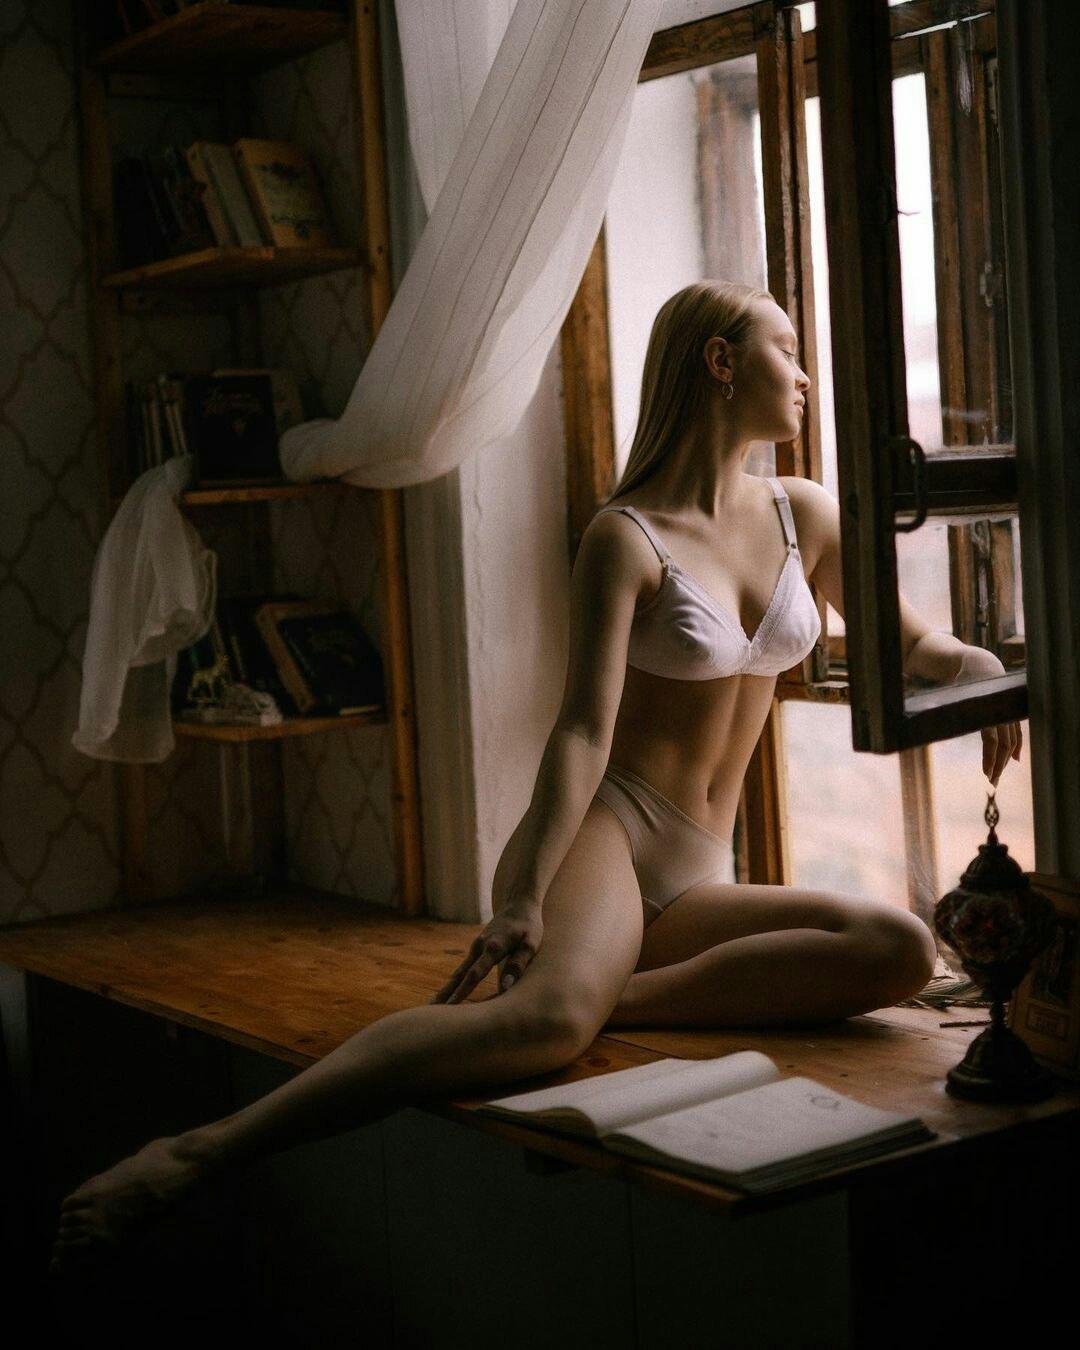 Polly by Elena Malysheva